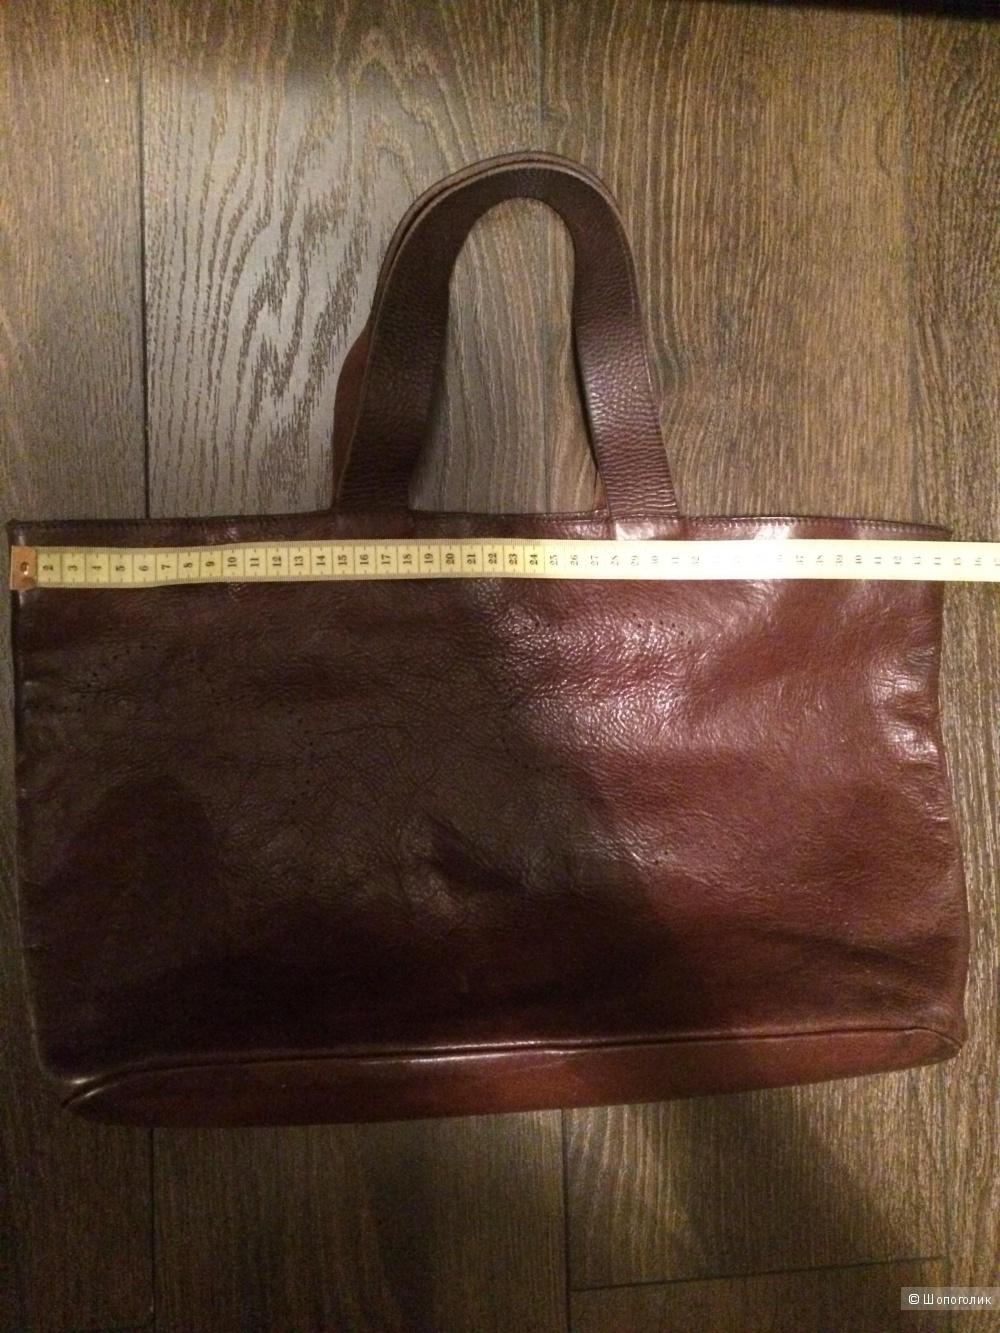 Большая Сумка Furla коричневого цвета, б/у, оригинал